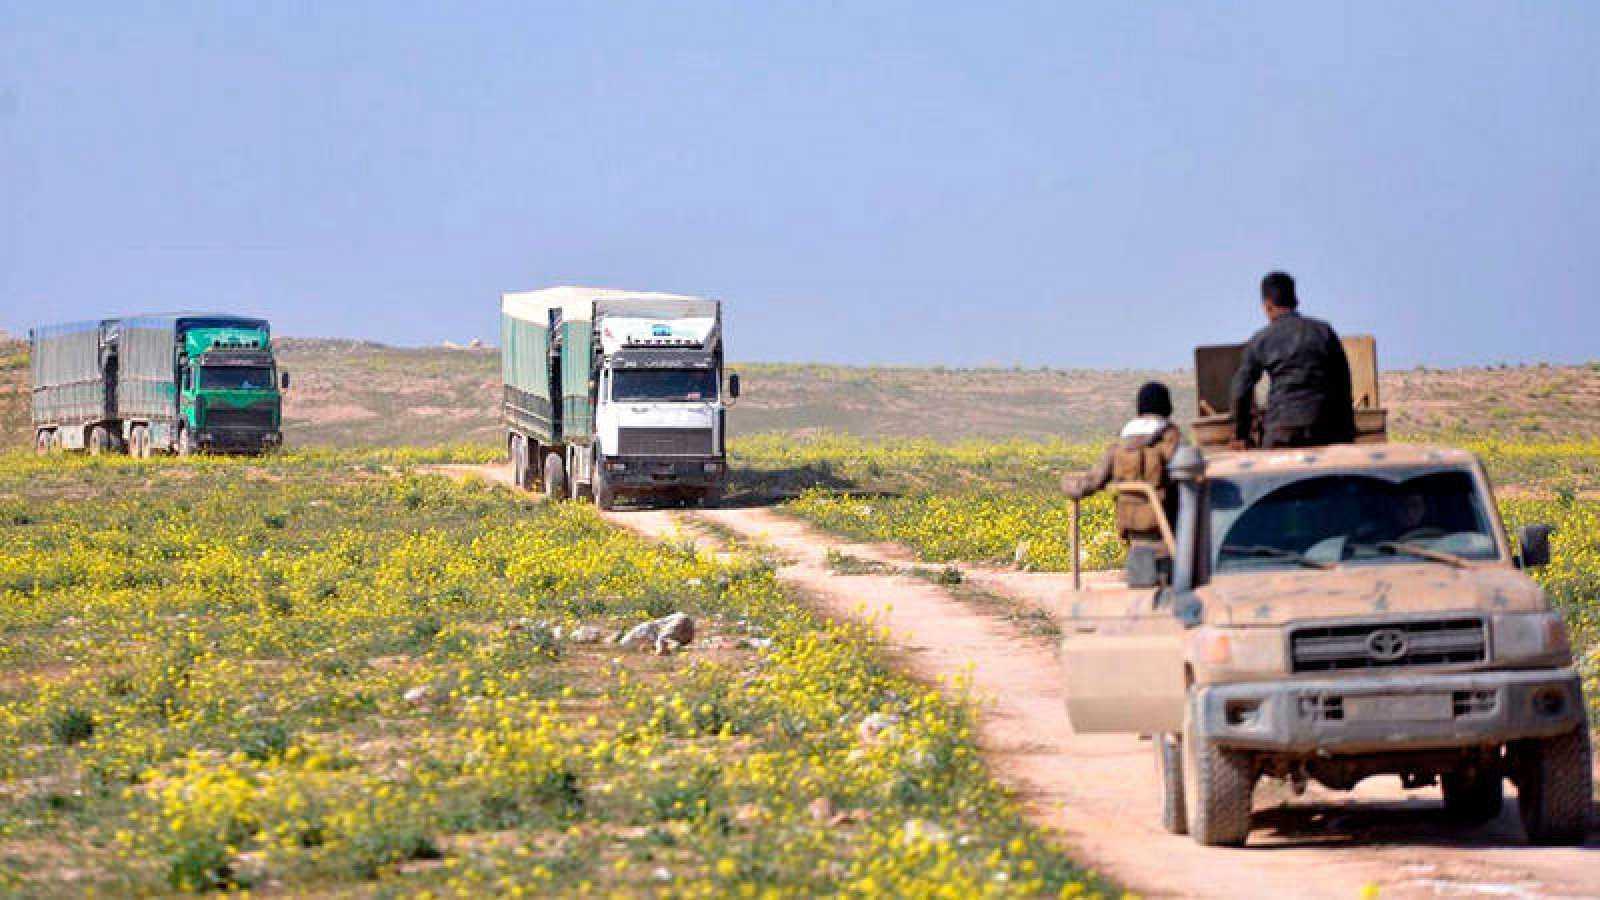 Más de 2.500 personas abandonan el último reducto del Estado Islámico en Siria